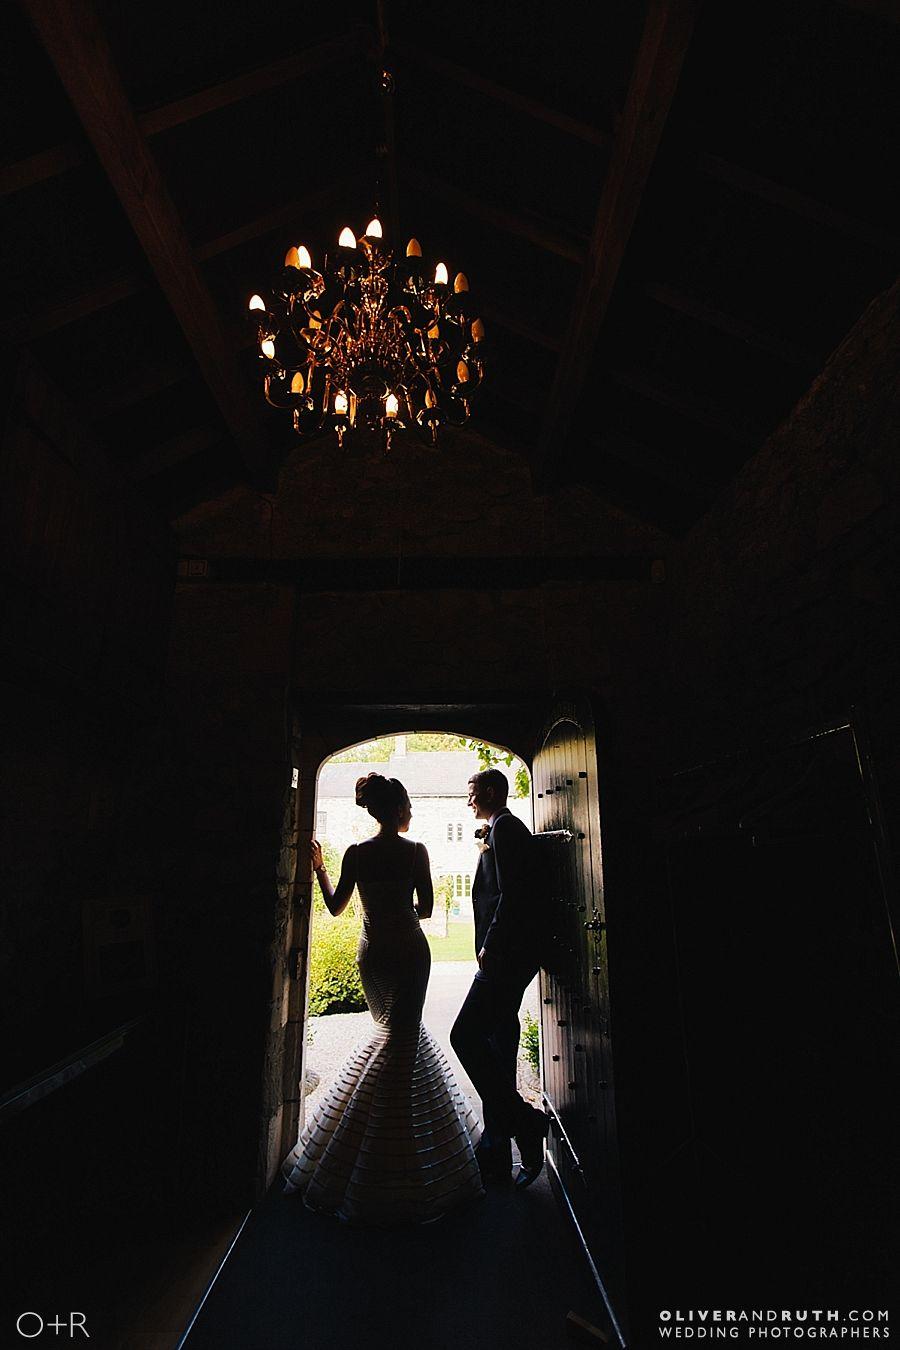 Bride and groom wedding silhouette in doorway at Pencoed House